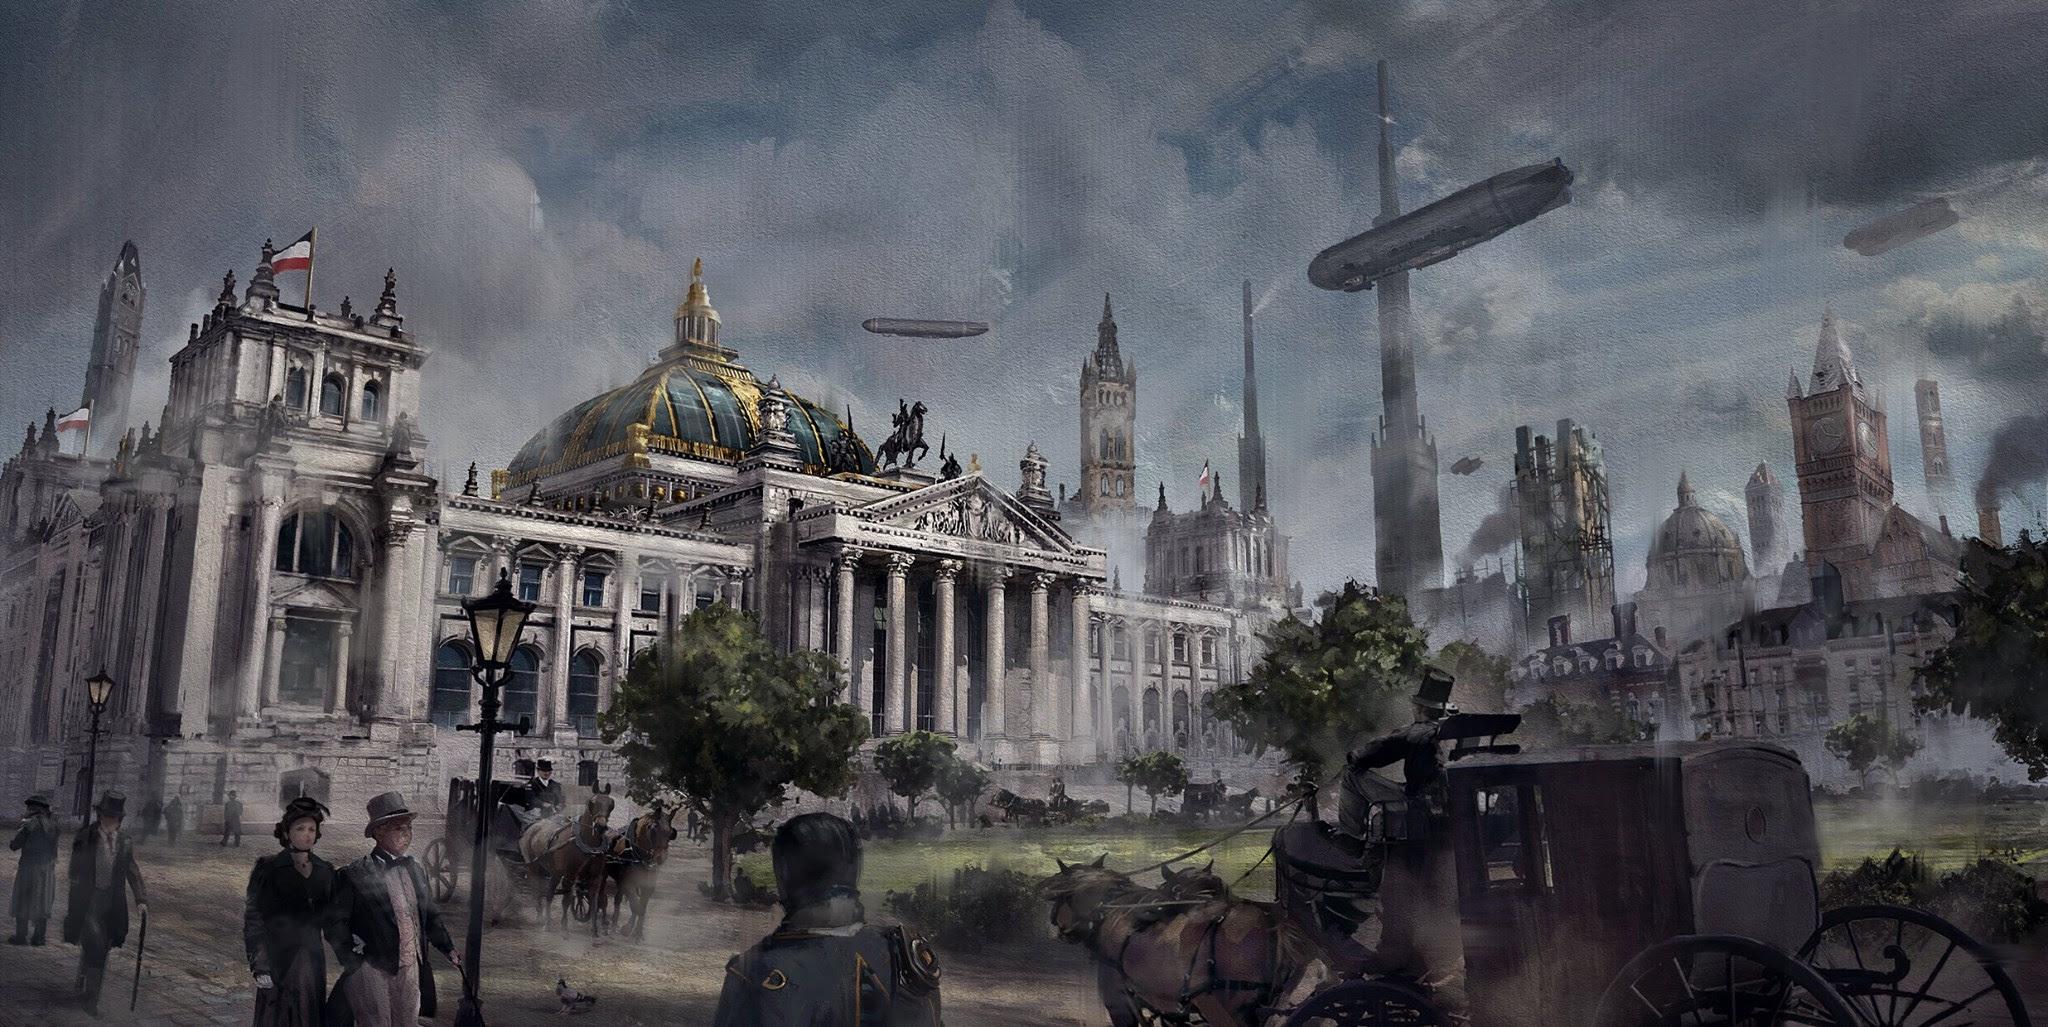 Produtora mostra como seriam algumas cidades no período de The Order: 1886